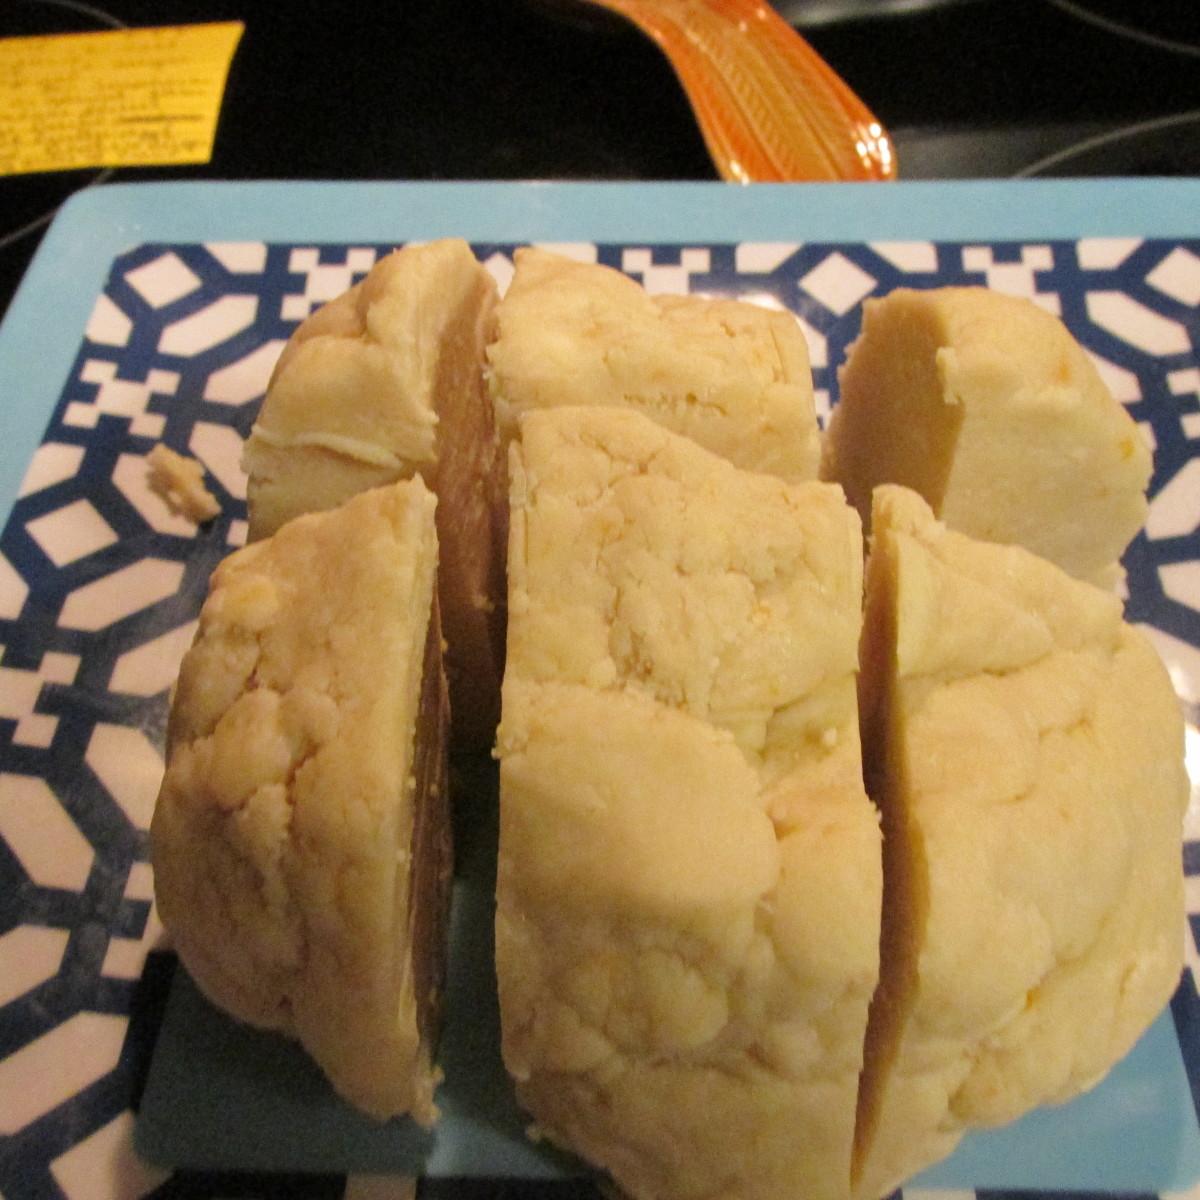 Cut dough into 6 pieces